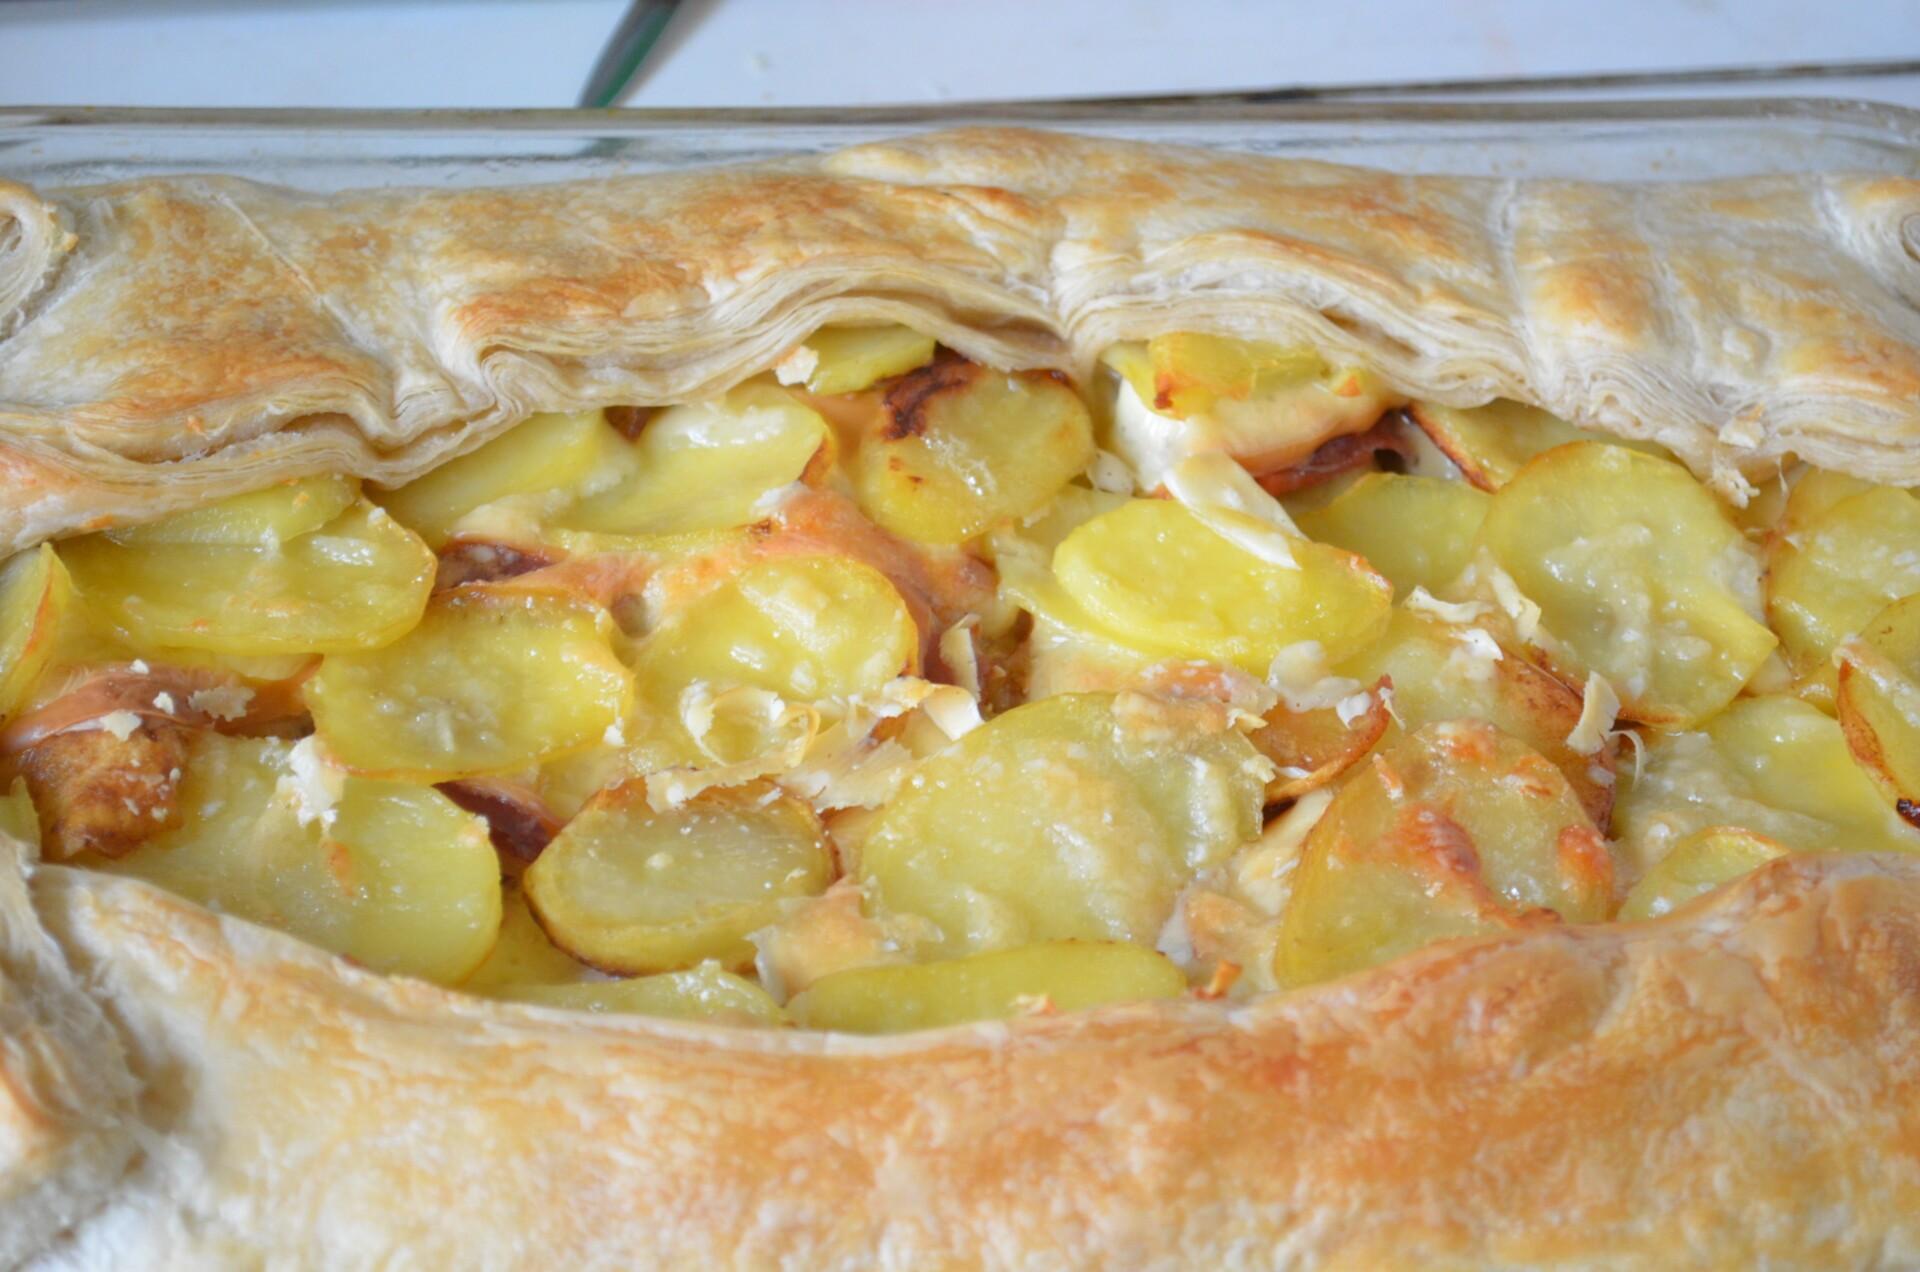 Ставим пирог в разогретую до 220* духовку и запекаем в течении 20-30 минут при 200*-220*.